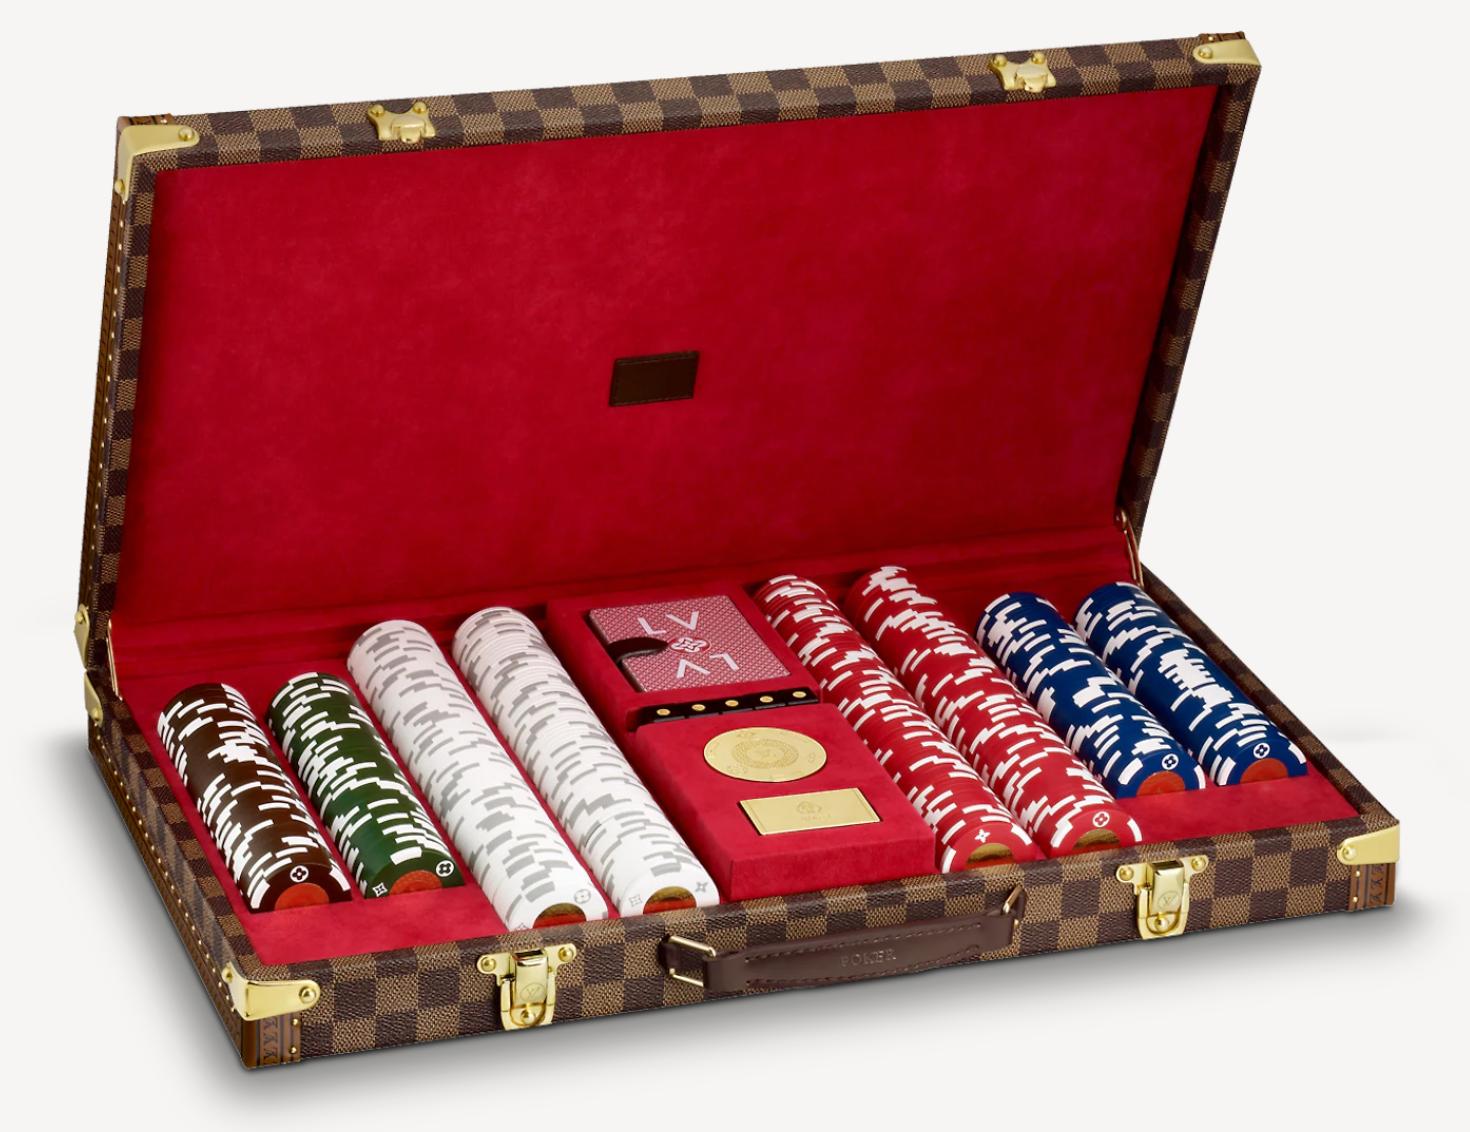 Самый дорогой покерный набор от Louis Vuitton